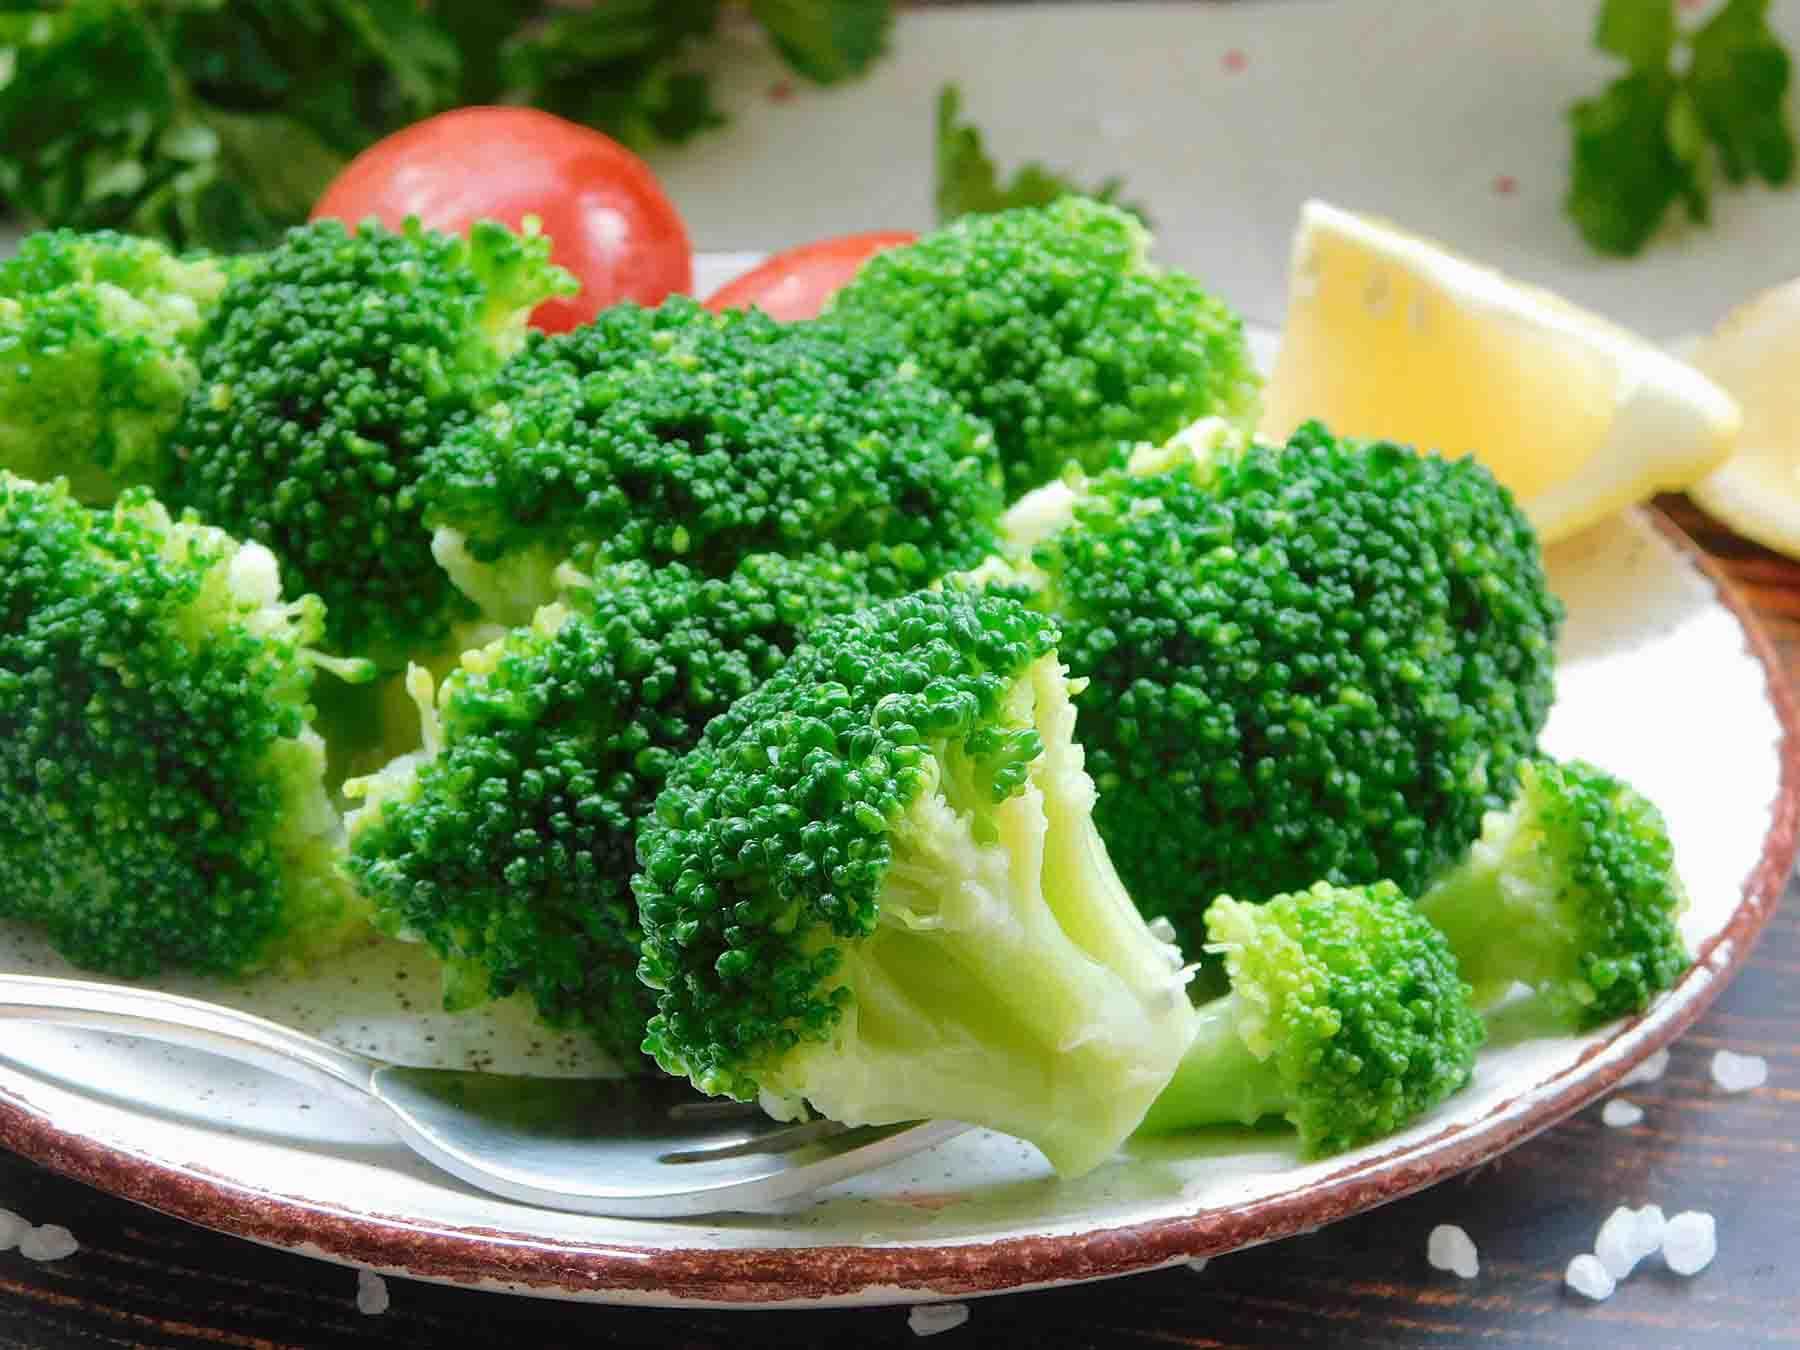 подробный рецепт как сварить брокколи